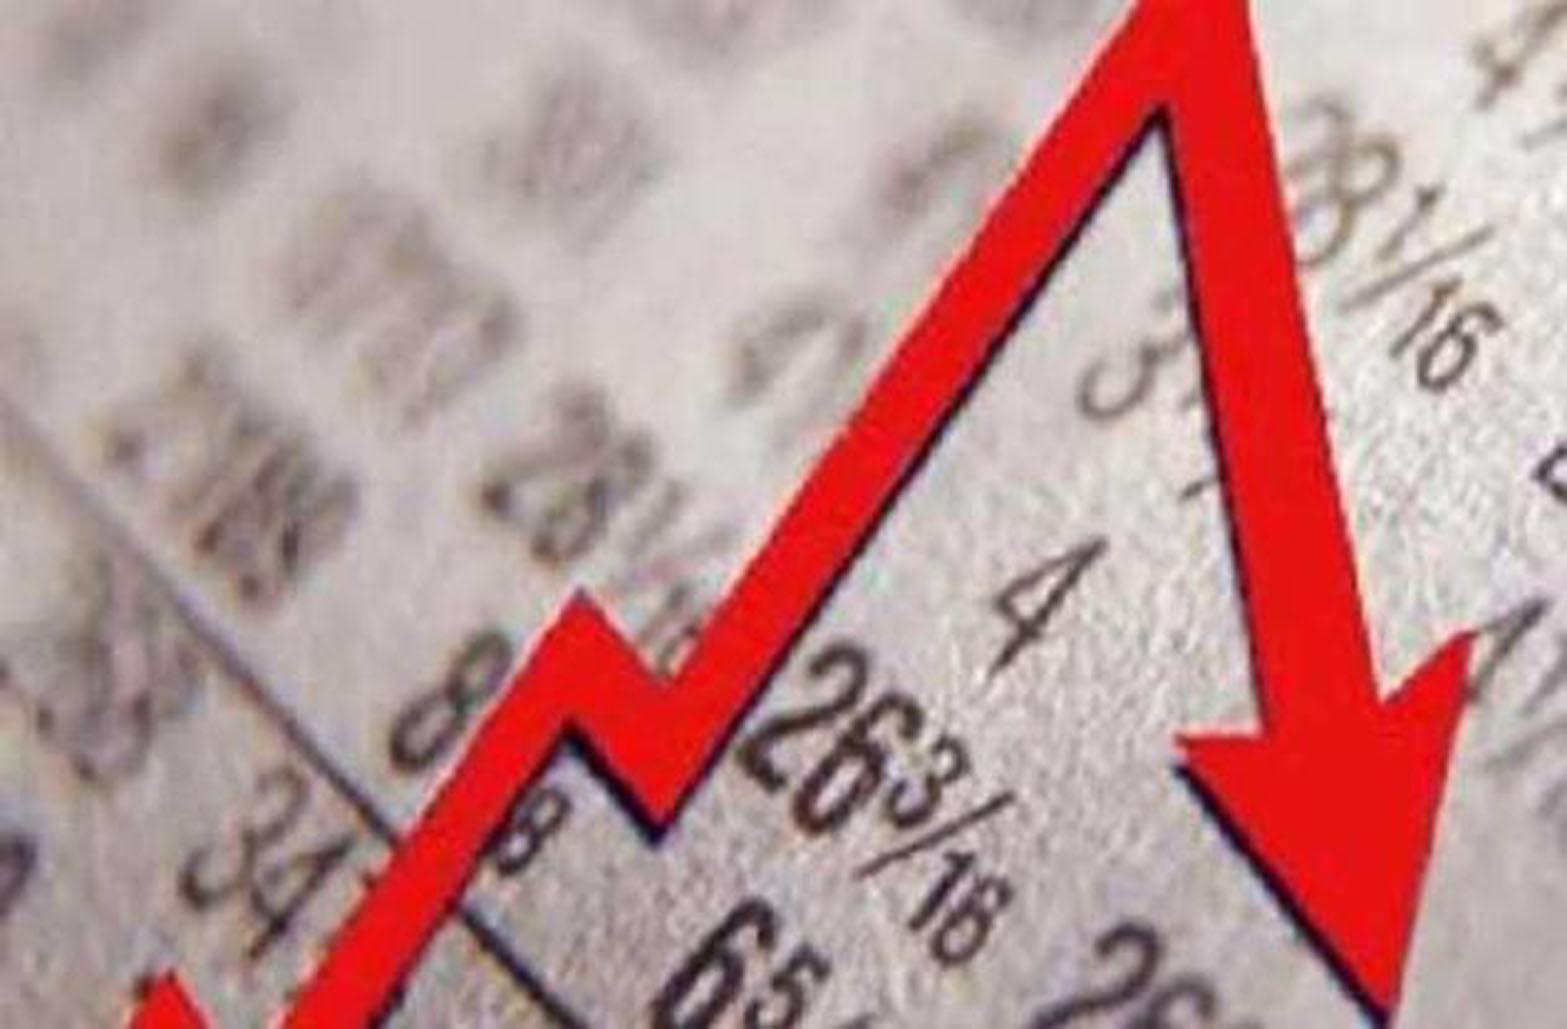 Τουρκία: Ο δείκτης τιμών καταναλωτή (CPI) αυξήθηκε κατά 11,76% ετησίως και 0,58% μηνιαίως